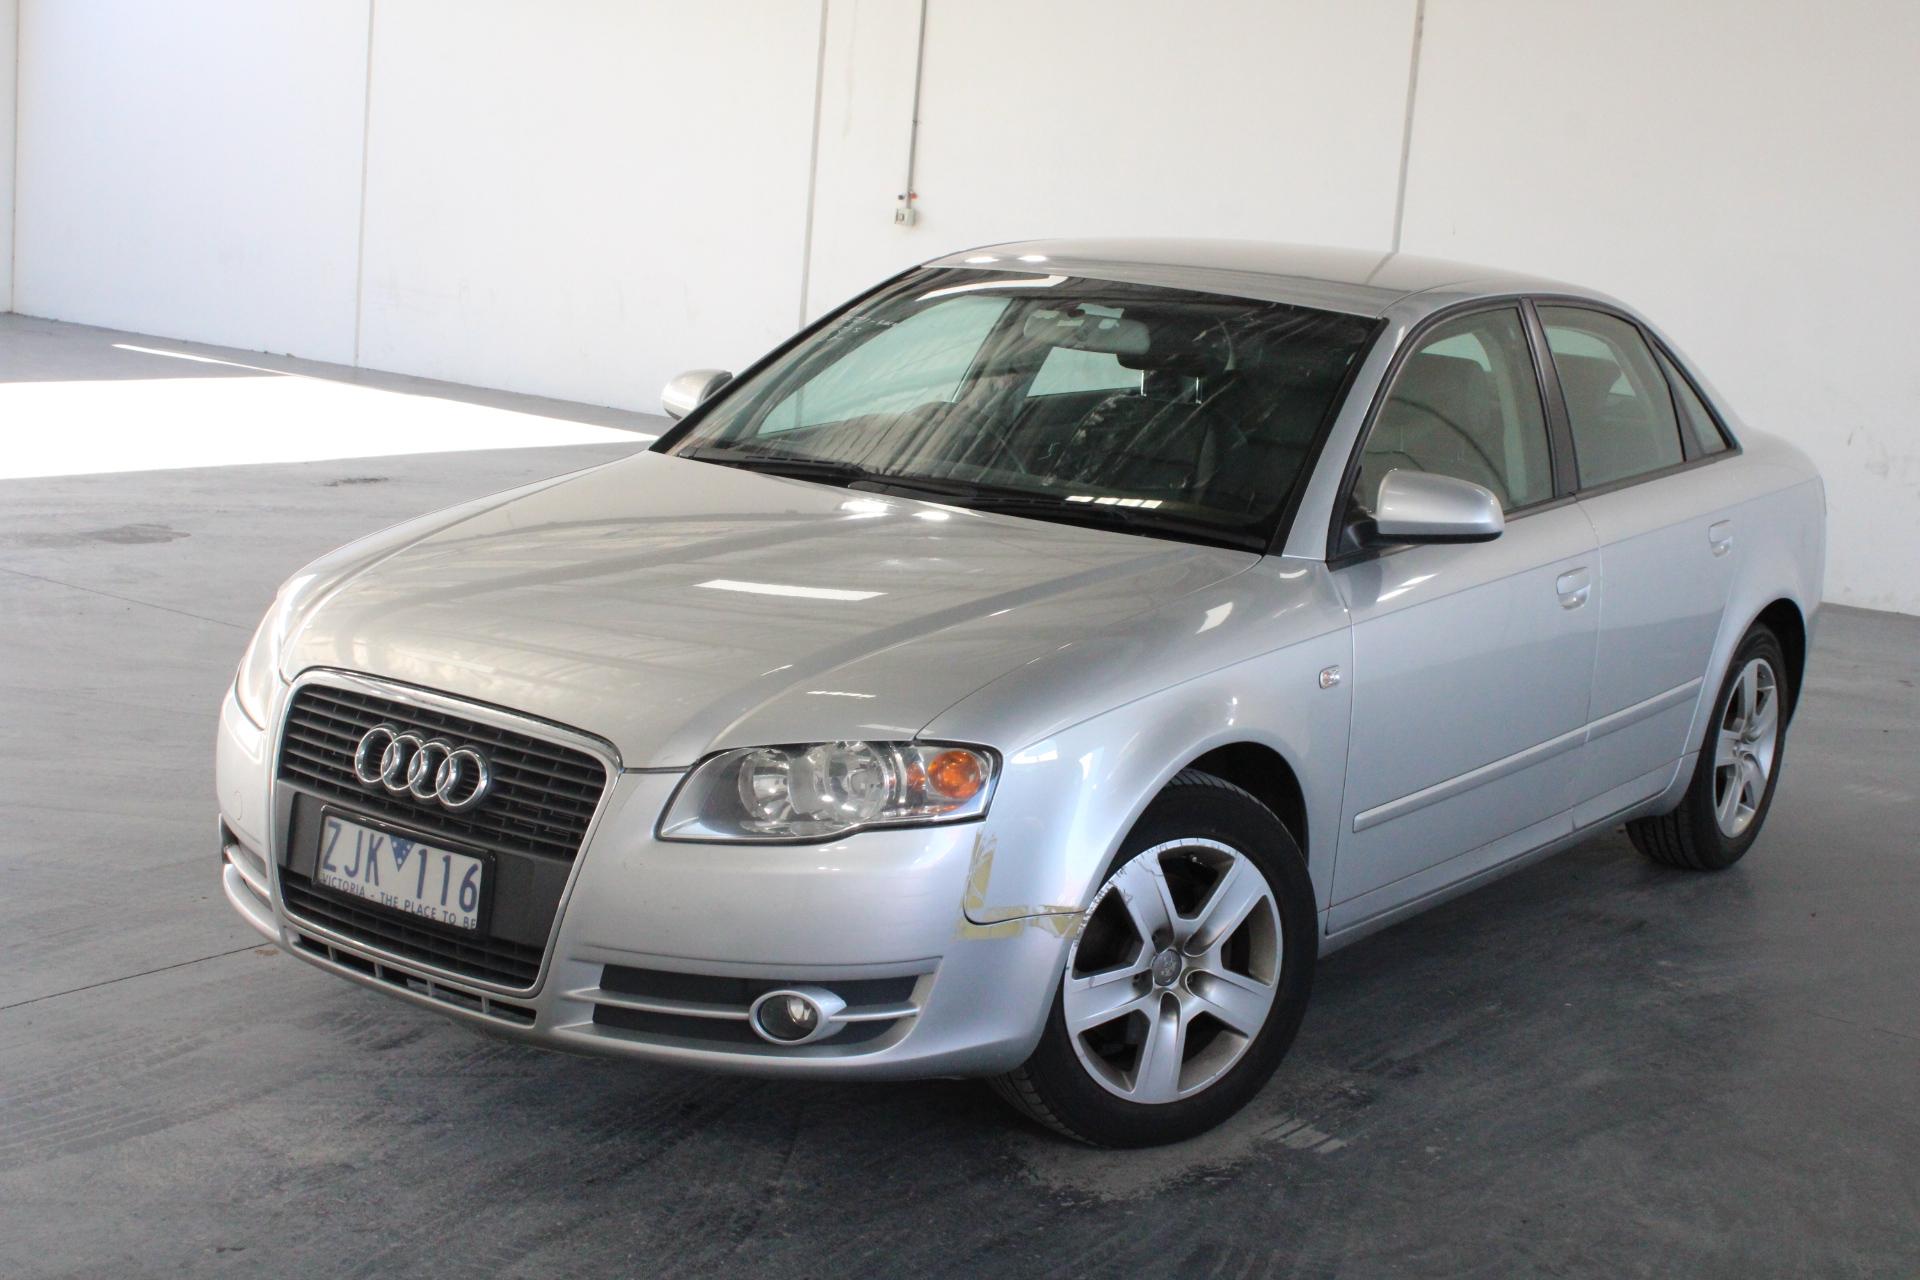 2006 Audi A4 2.0 B7 CVT Sedan